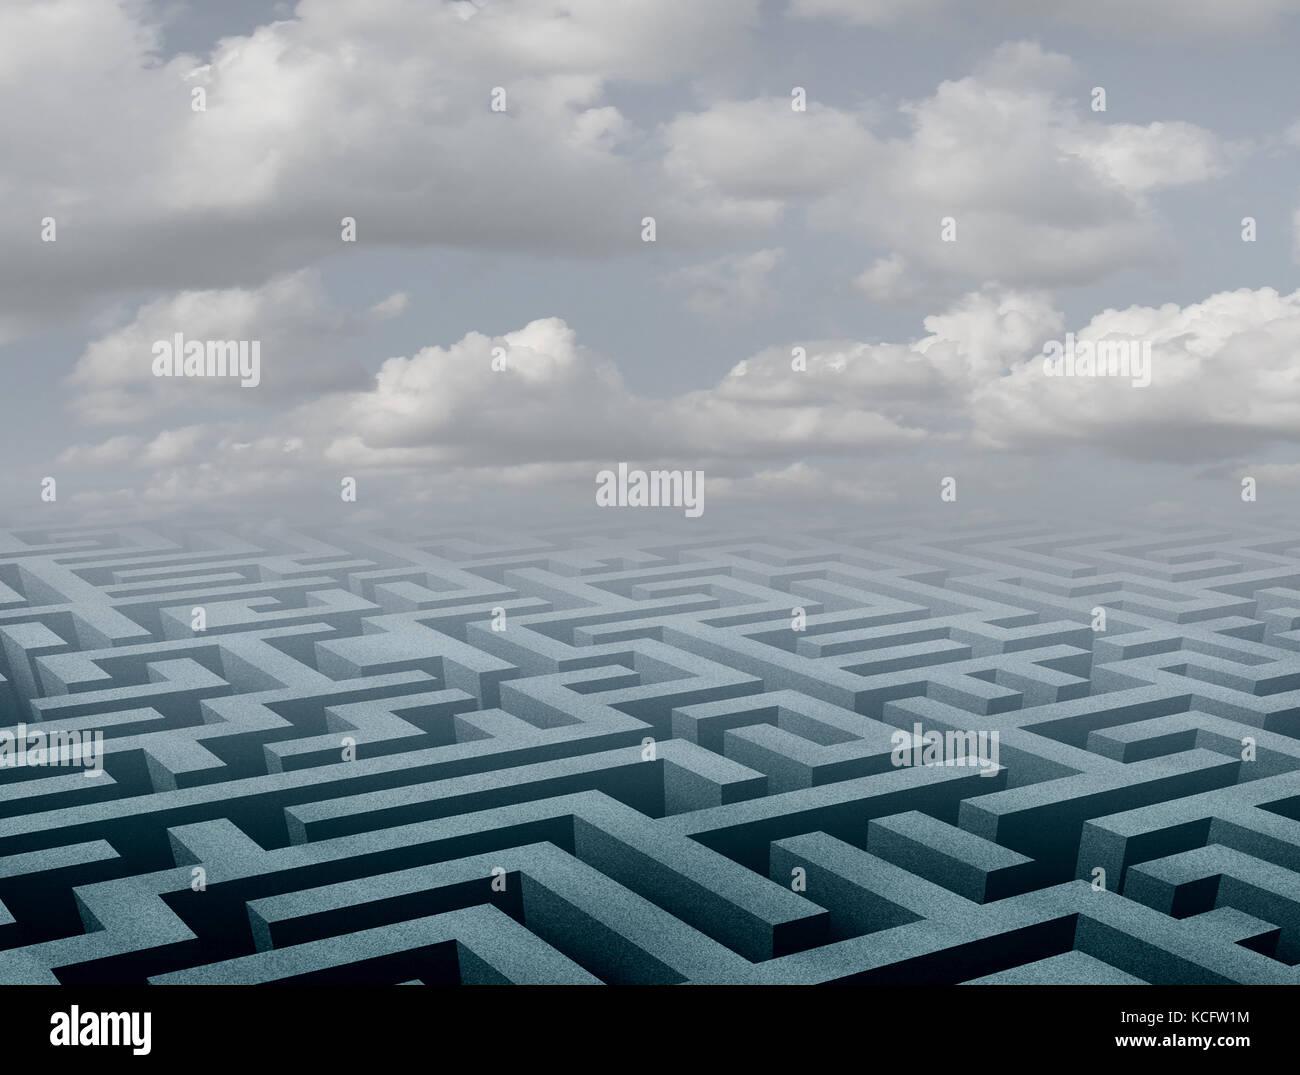 Il labirinto di sfondo e astratta prospettiva labirinto scena come un 3d'illustrazione. Immagini Stock